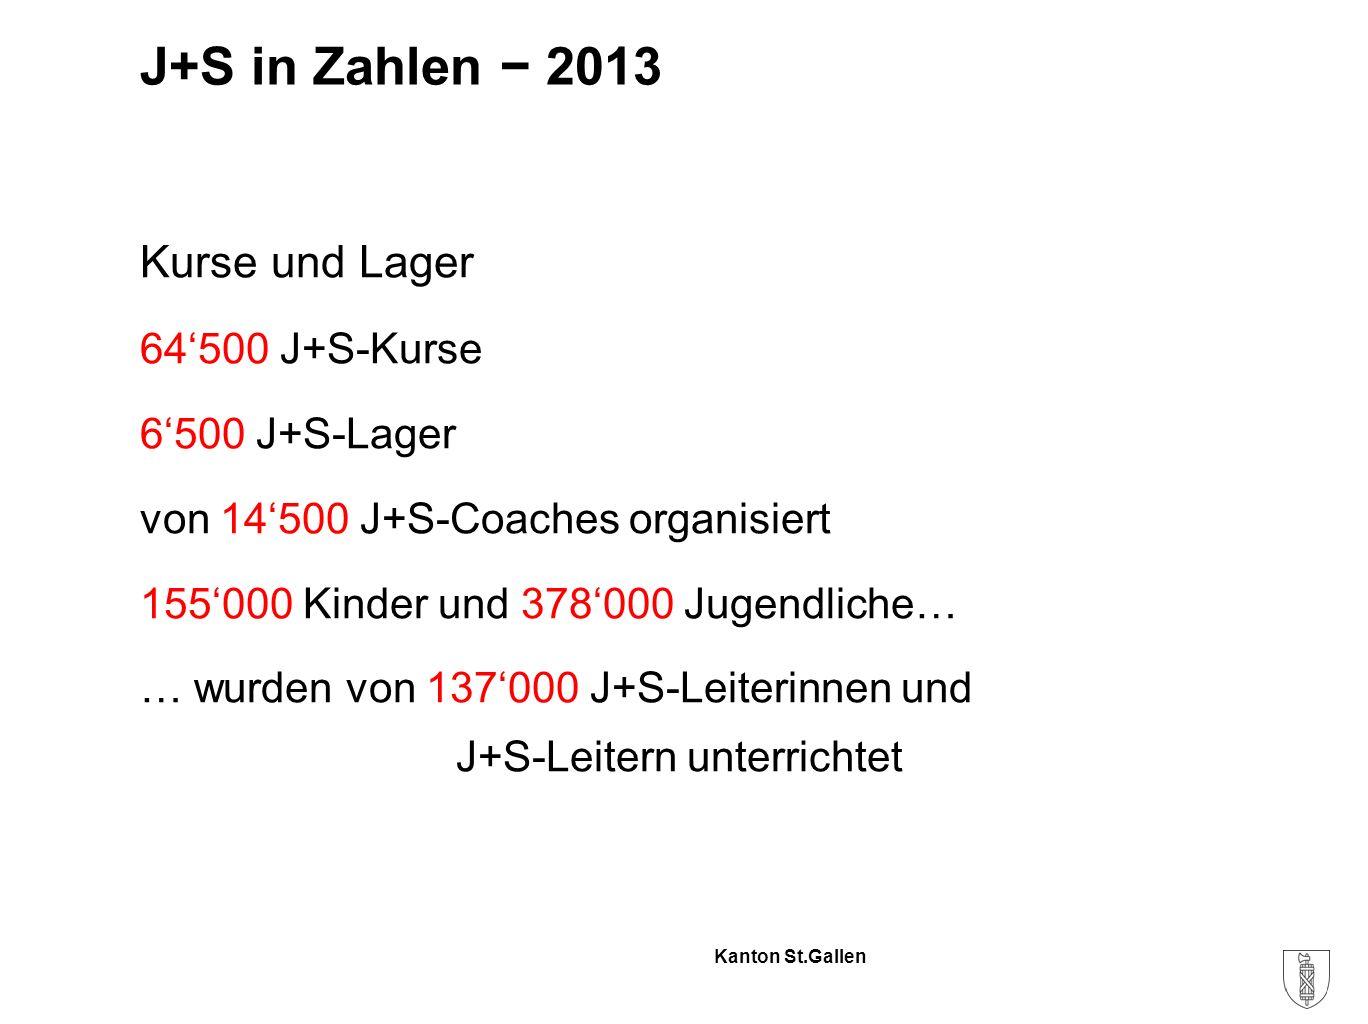 Kanton St.Gallen Kurse und Lager 64'500 J+S-Kurse 6'500 J+S-Lager von 14'500 J+S-Coaches organisiert 155'000 Kinder und 378'000 Jugendliche… … wurden von 137'000 J+S-Leiterinnen und J+S-Leitern unterrichtet J+S in Zahlen − 2013